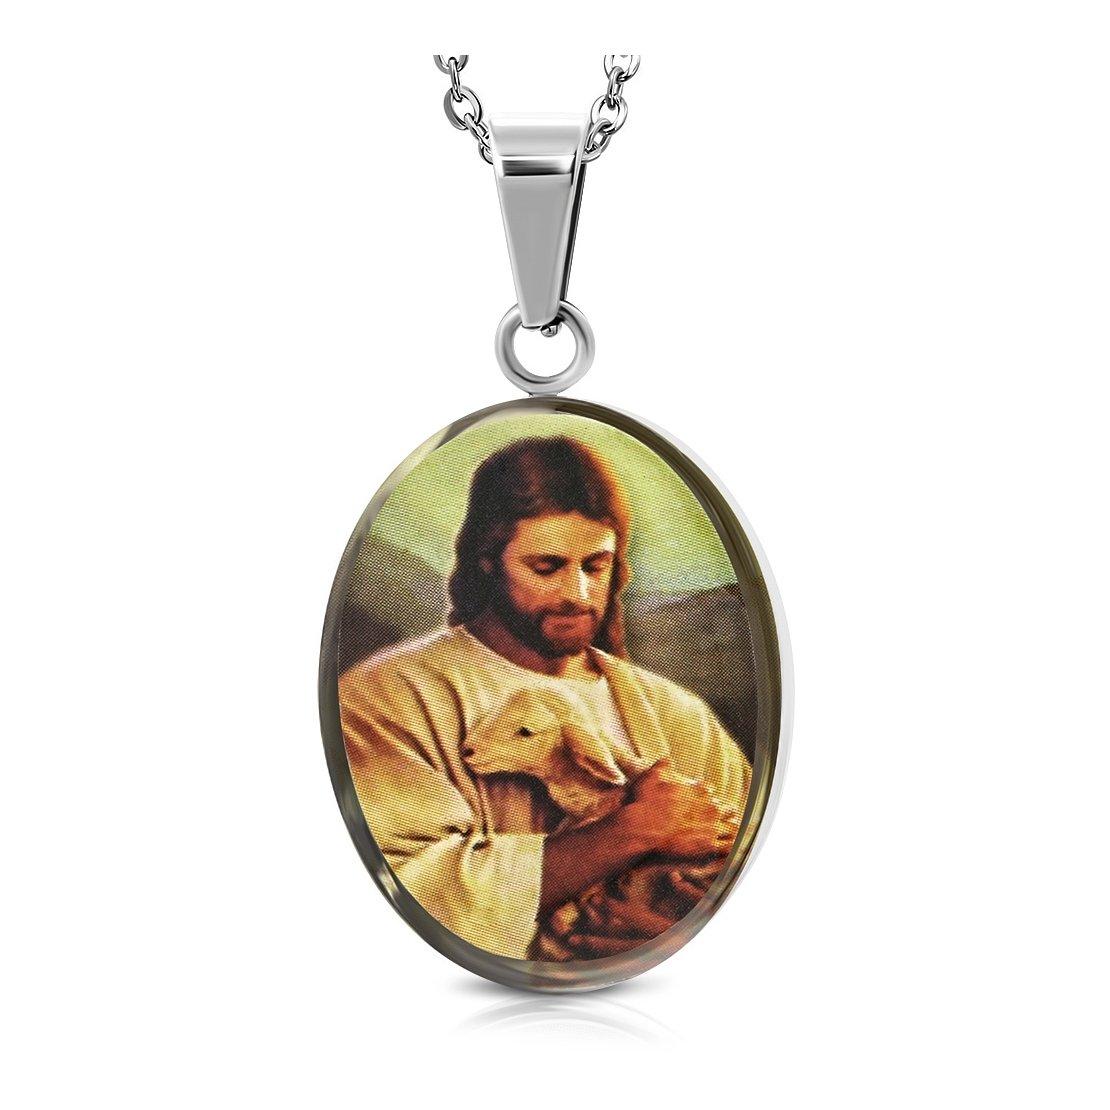 Acier inoxydable Berger Jésus Agneau de dieu ovale Christian Pendentif religieux NRG 316L Jewelry 205-JLJ097